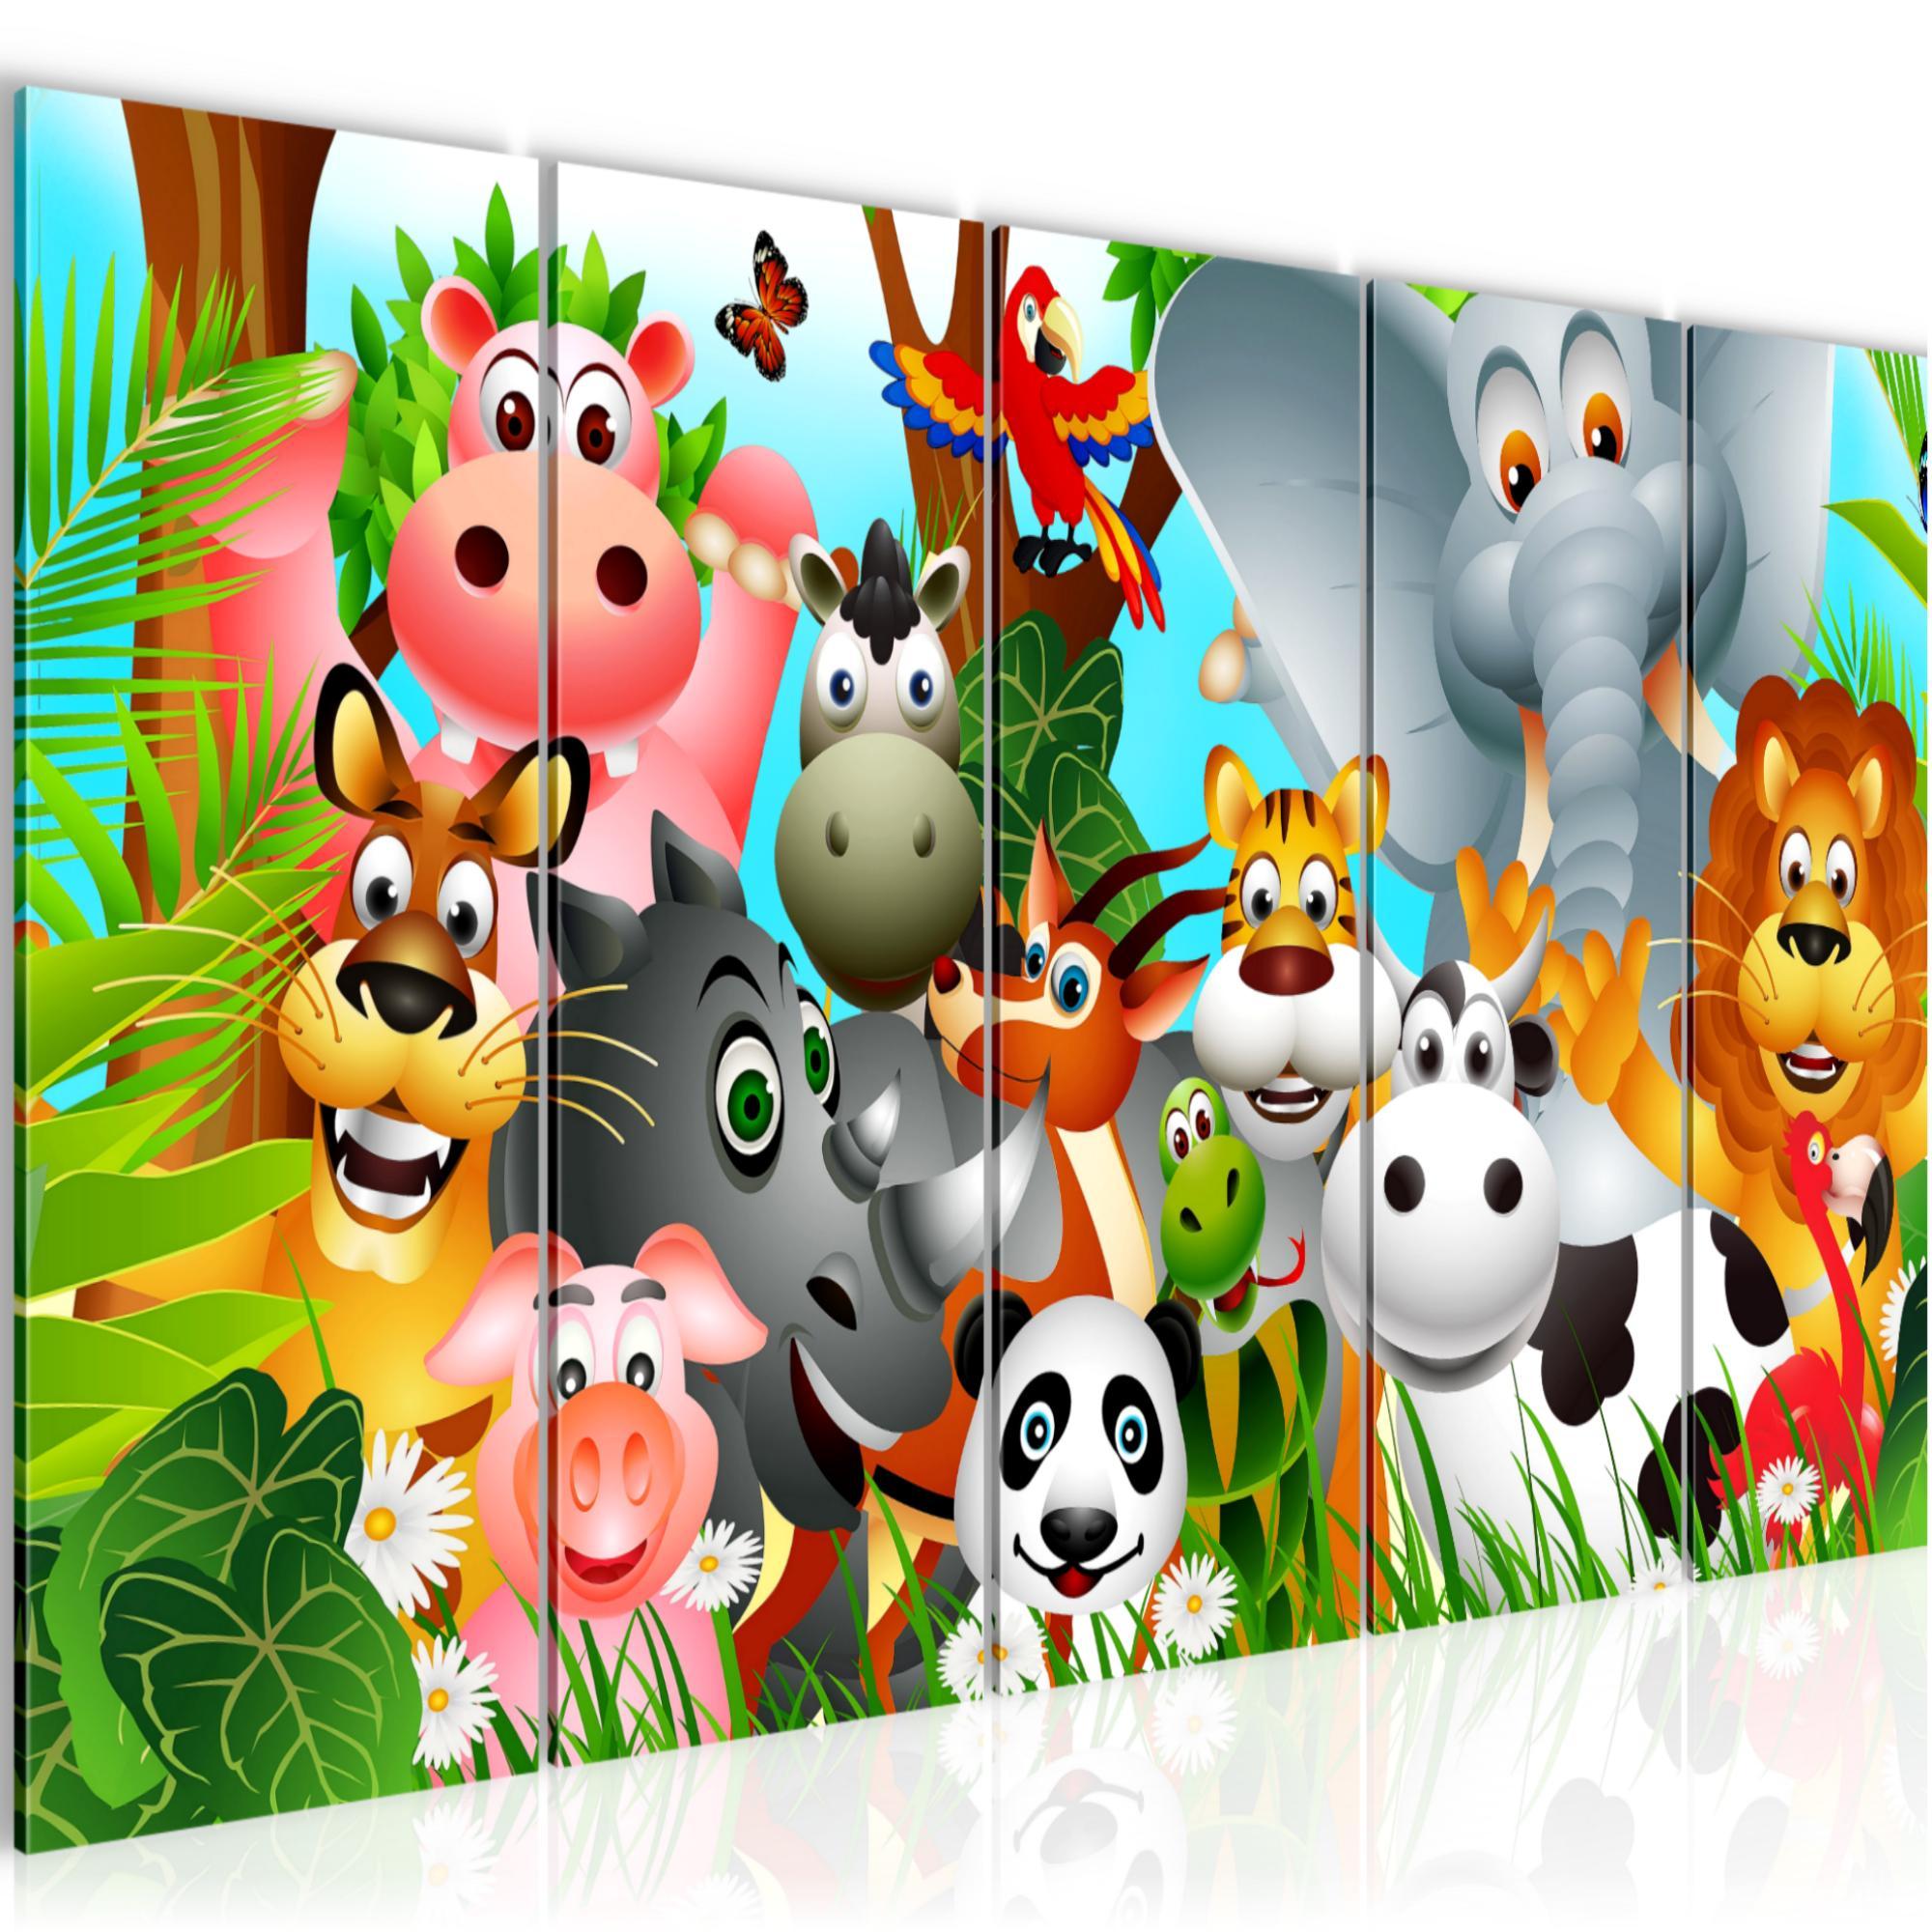 Full Size of Wandbild Kinderzimmer Wandbilder Tiere Bilder Xxl Vlies Leinwand Bild Wohnzimmer Regal Schlafzimmer Regale Weiß Sofa Kinderzimmer Wandbild Kinderzimmer